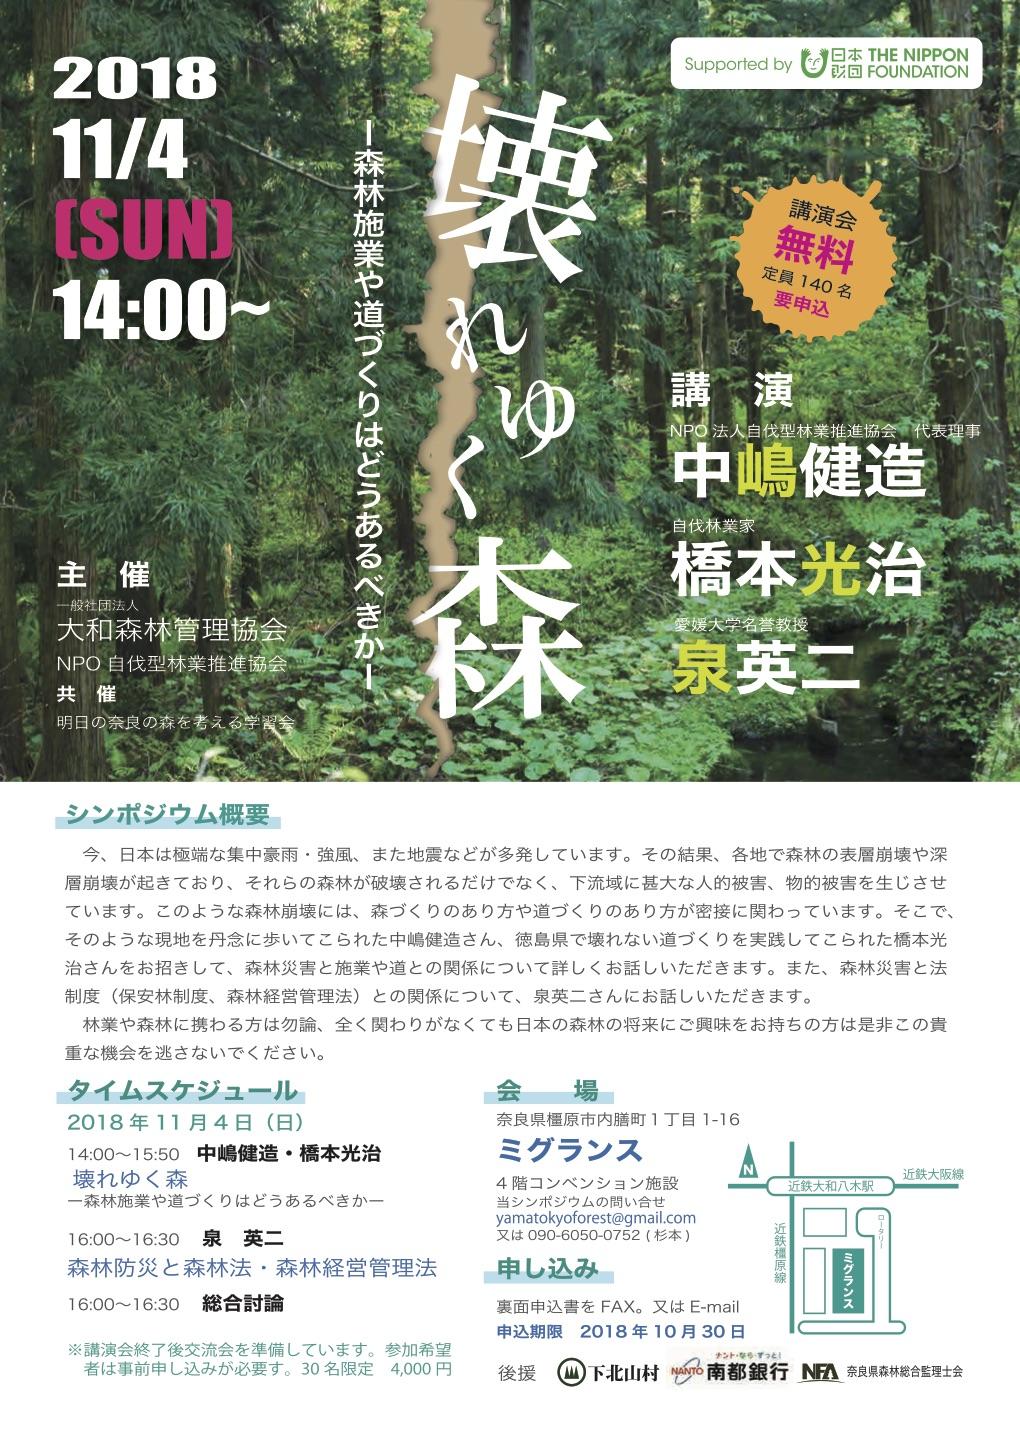 11月4日に奈良県で「壊れゆく森」が開催されます。